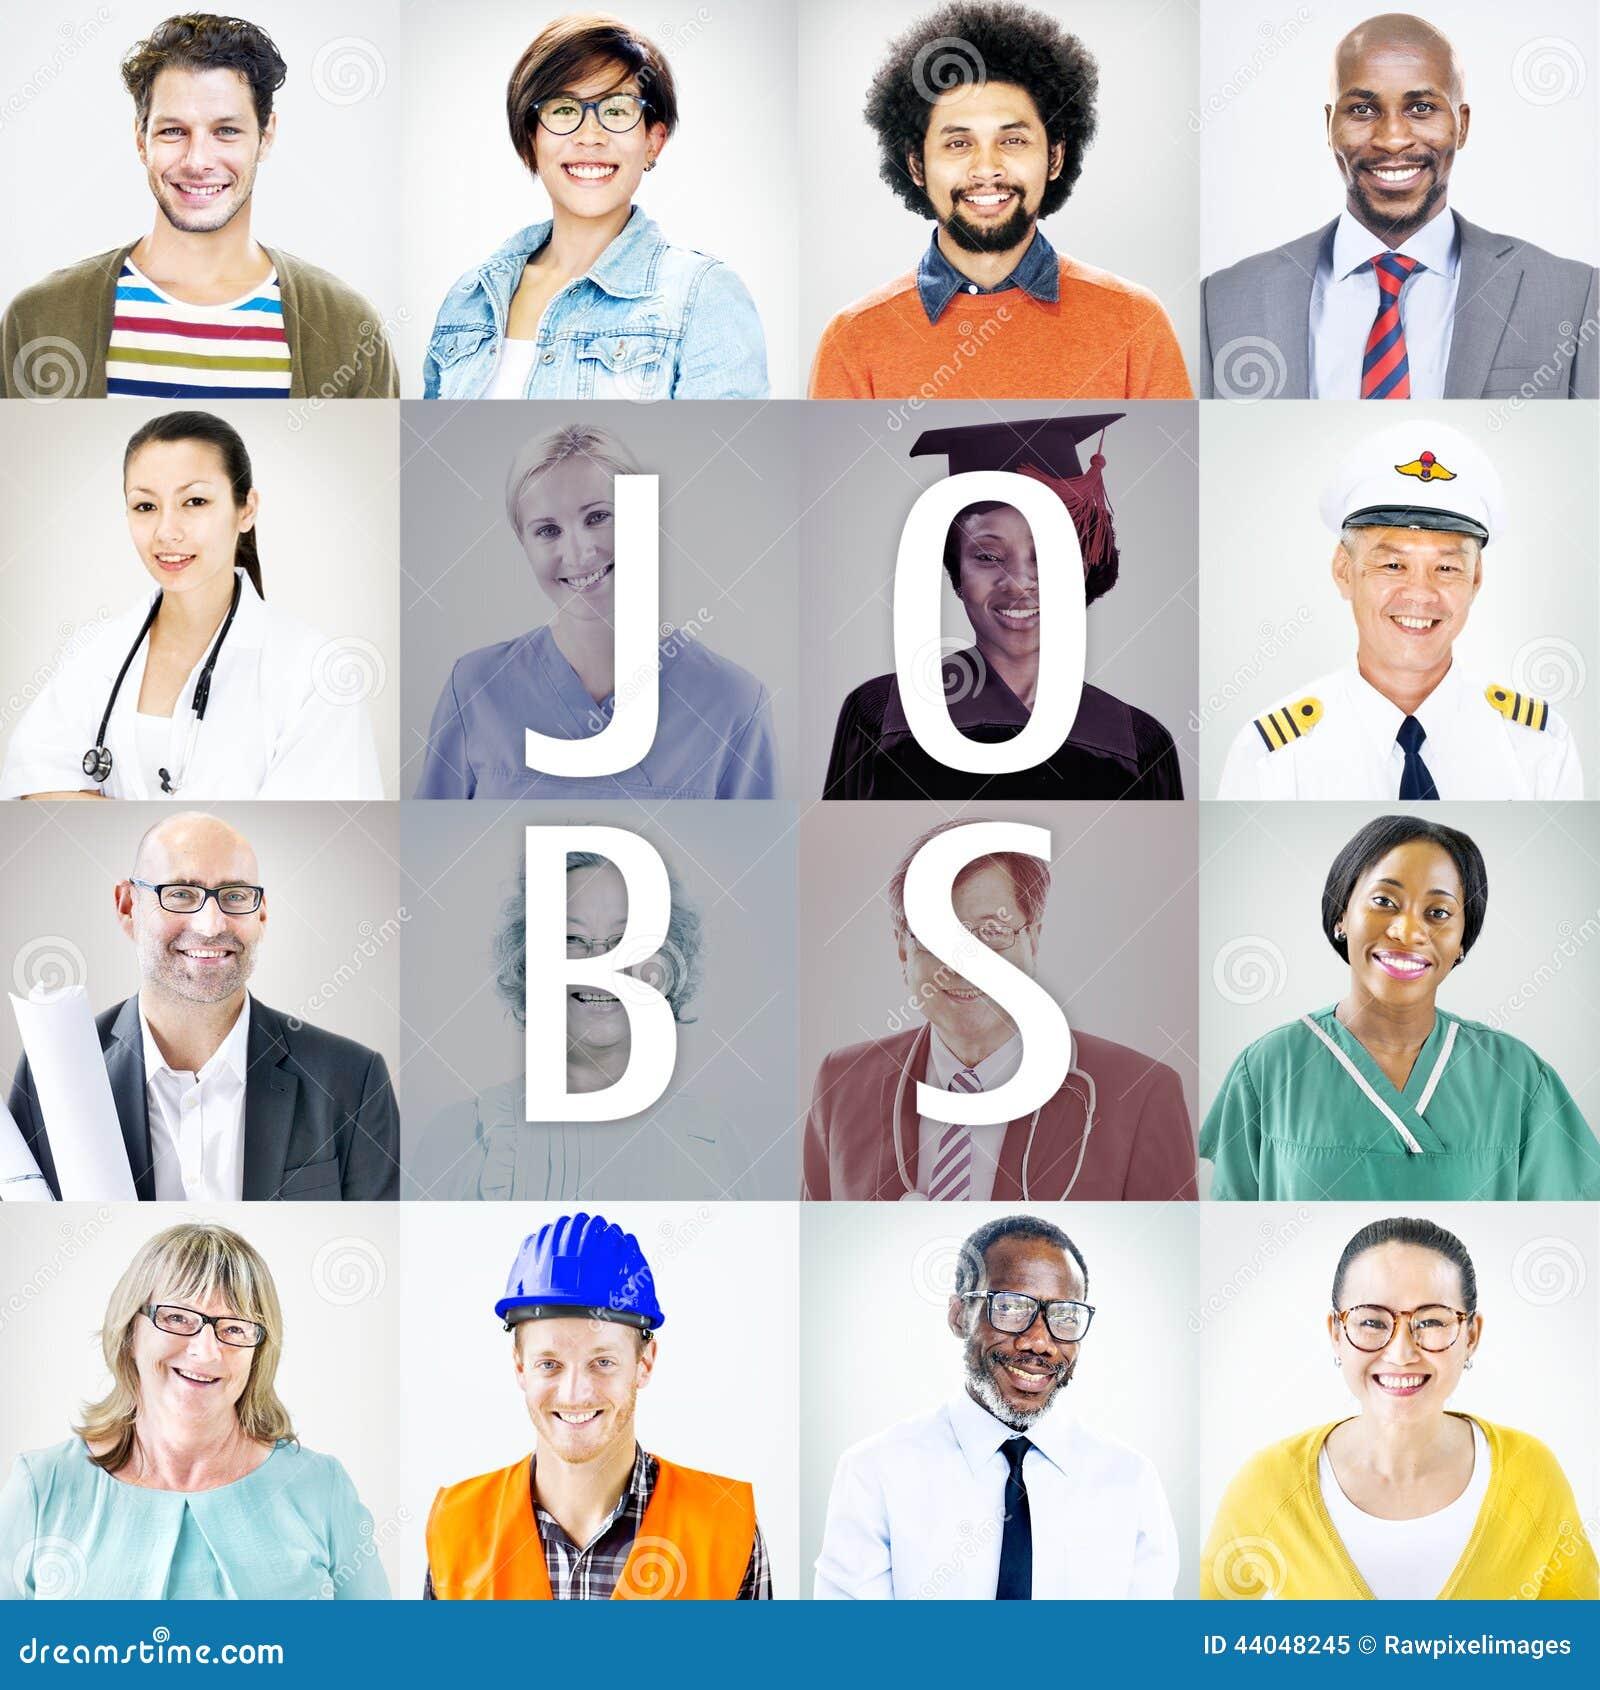 Portretten van Diverse Mensen met Verschillende Banen